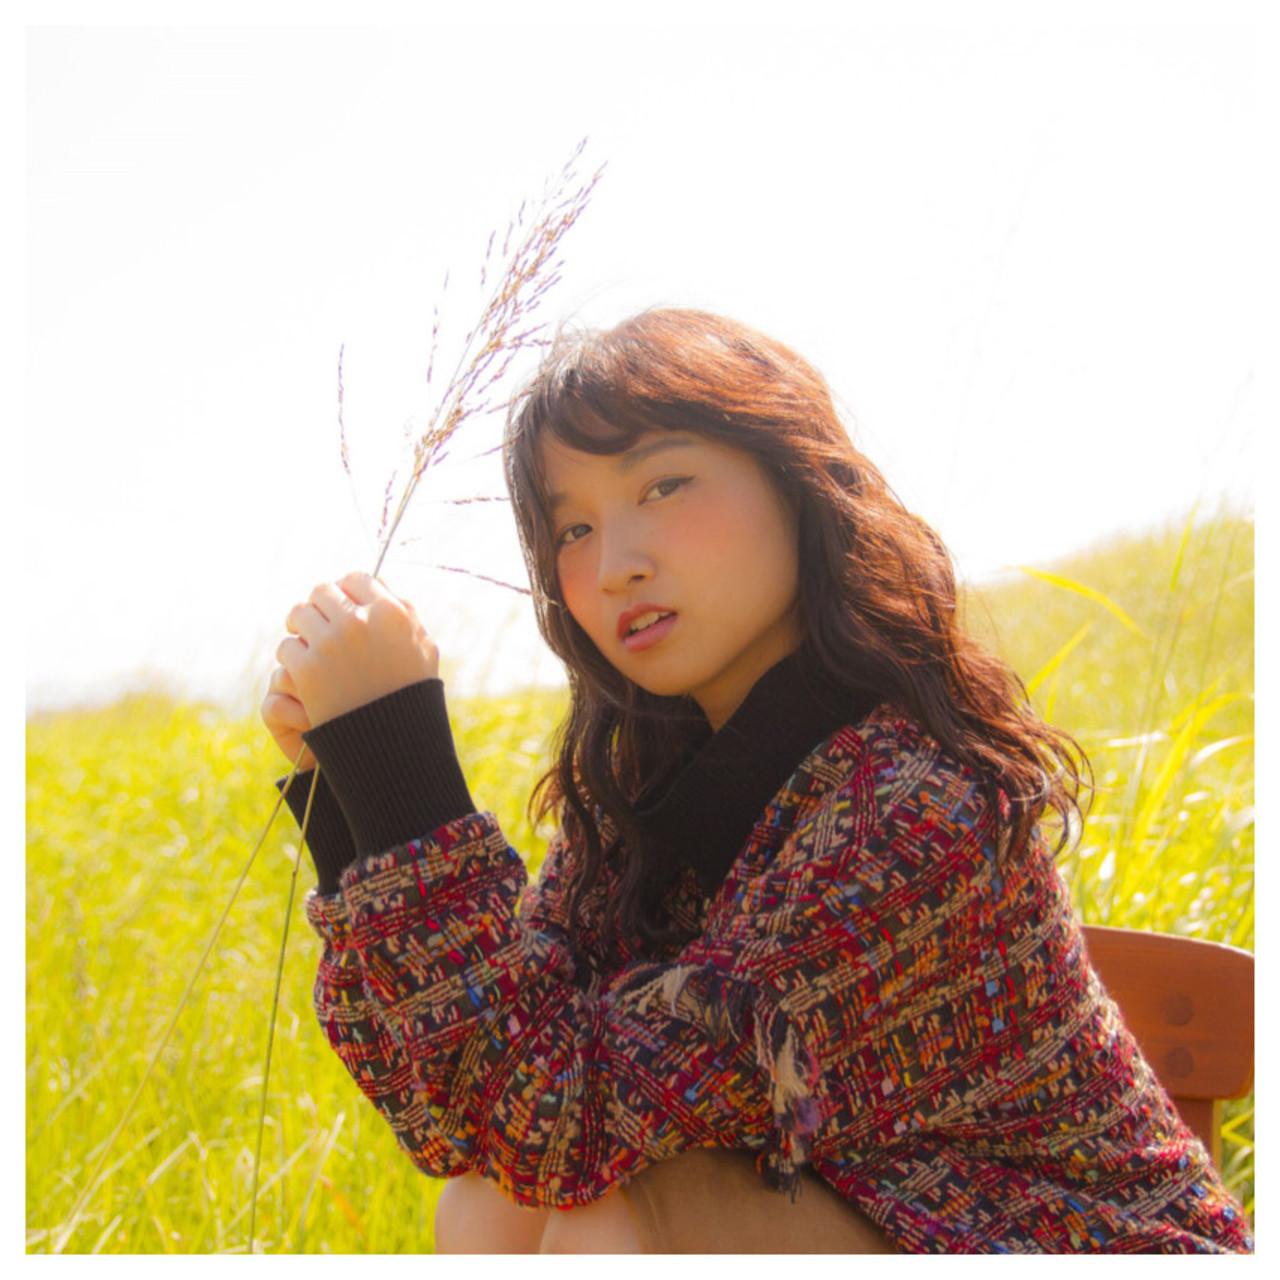 デート 秋 アウトドア 透明感 ヘアスタイルや髪型の写真・画像 | 岩切陽平 / Hair&Beauty AURA